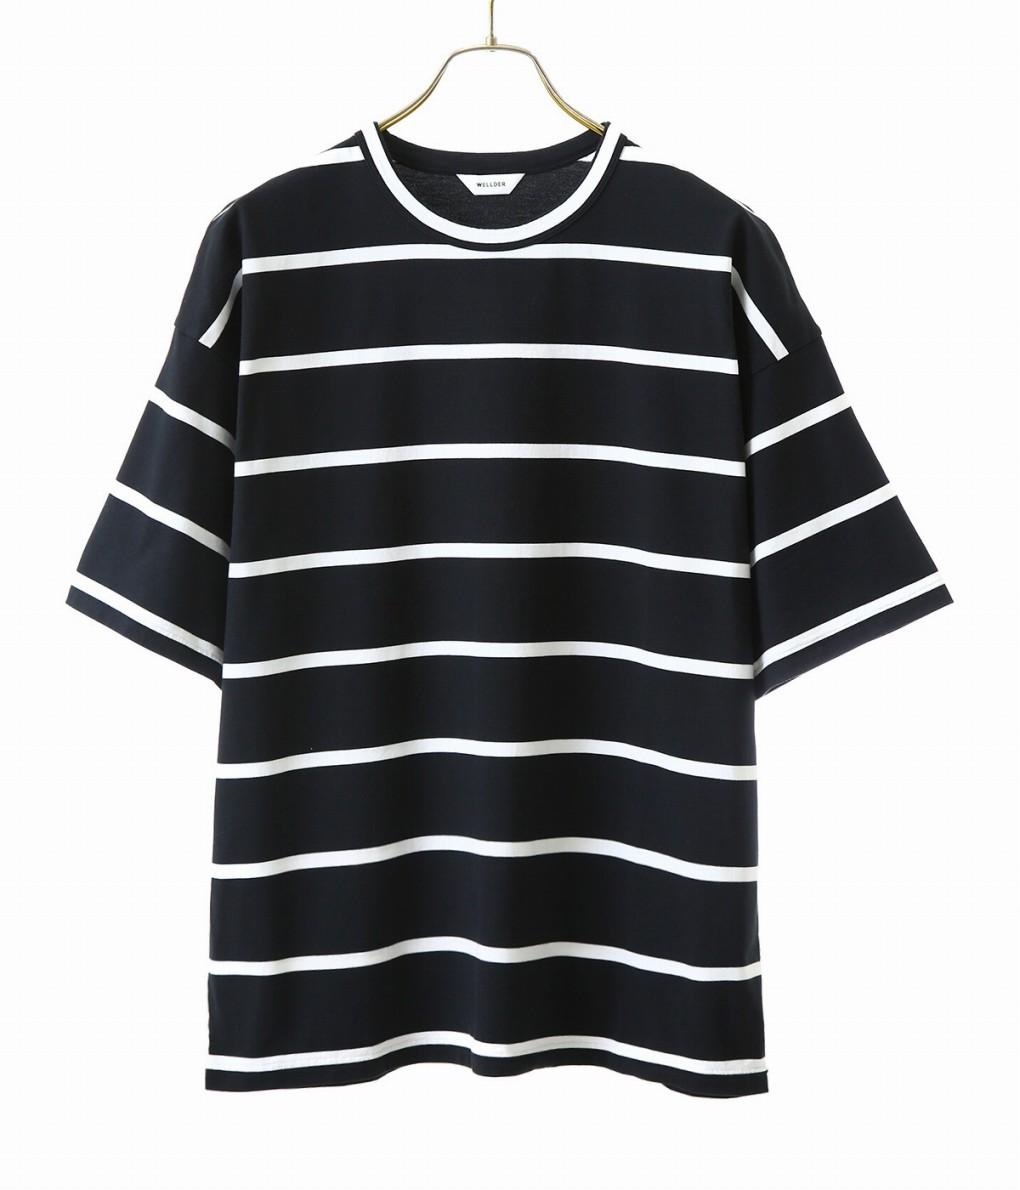 WELLDER / ウェルダー : Wide Fit T-Shirts / 全2色 : ウェルダー レギュラーフィット Tシャツ メンズ : WM19SCS09 【NOA】【BJB】